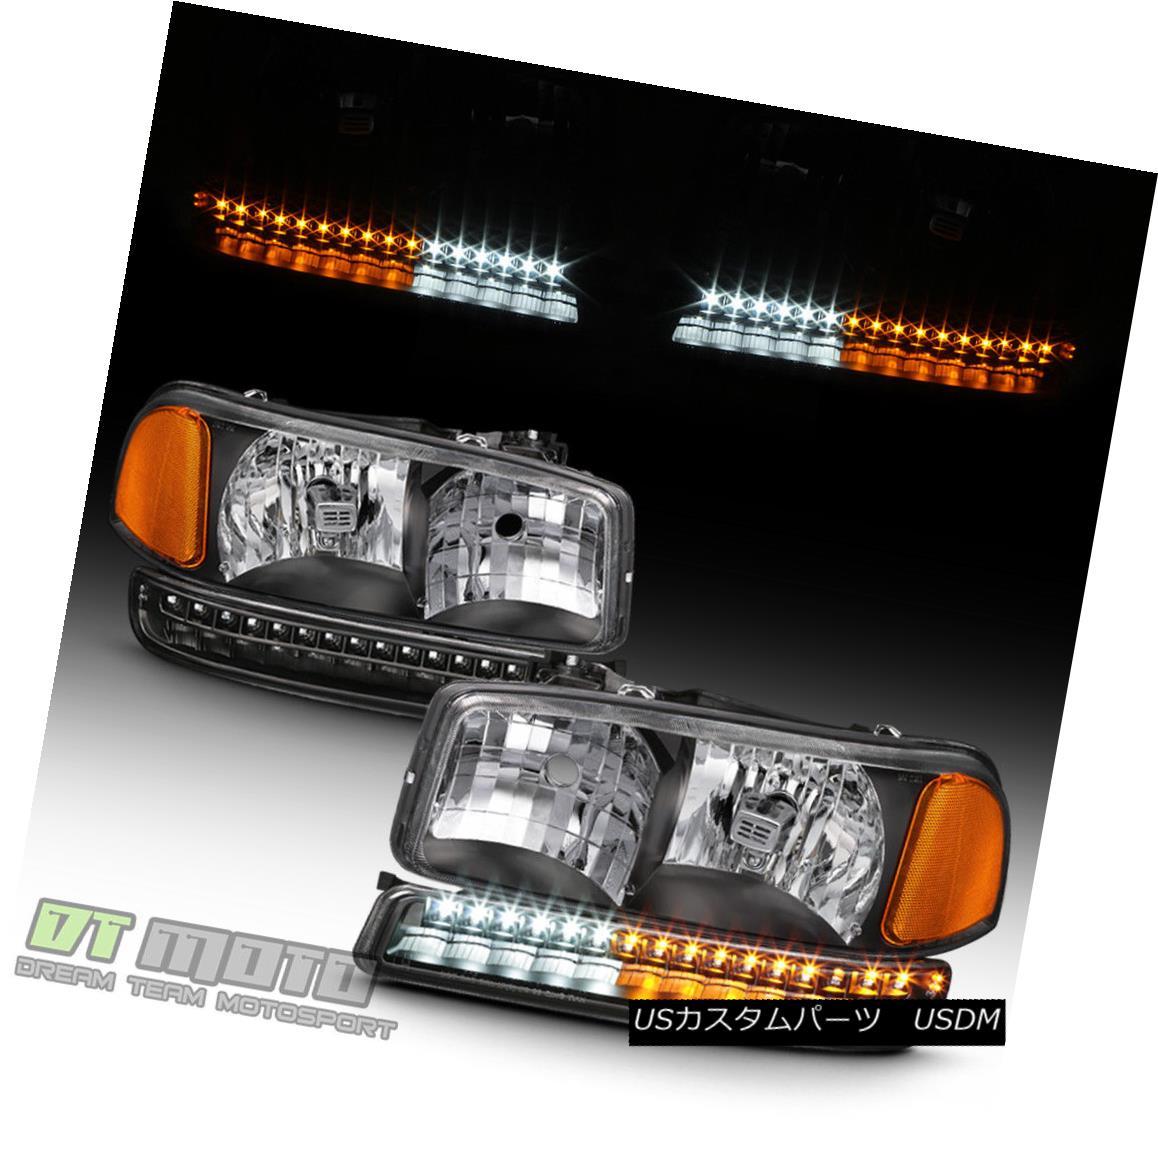 ヘッドライト Black 1999-2006 GMC Sierra Yukon XL Headlights LED Parking Bumper Signal Lights ブラック1999-2006 GMC Sierra Yukon XLヘッドライトLEDパーキングバンパー信号灯